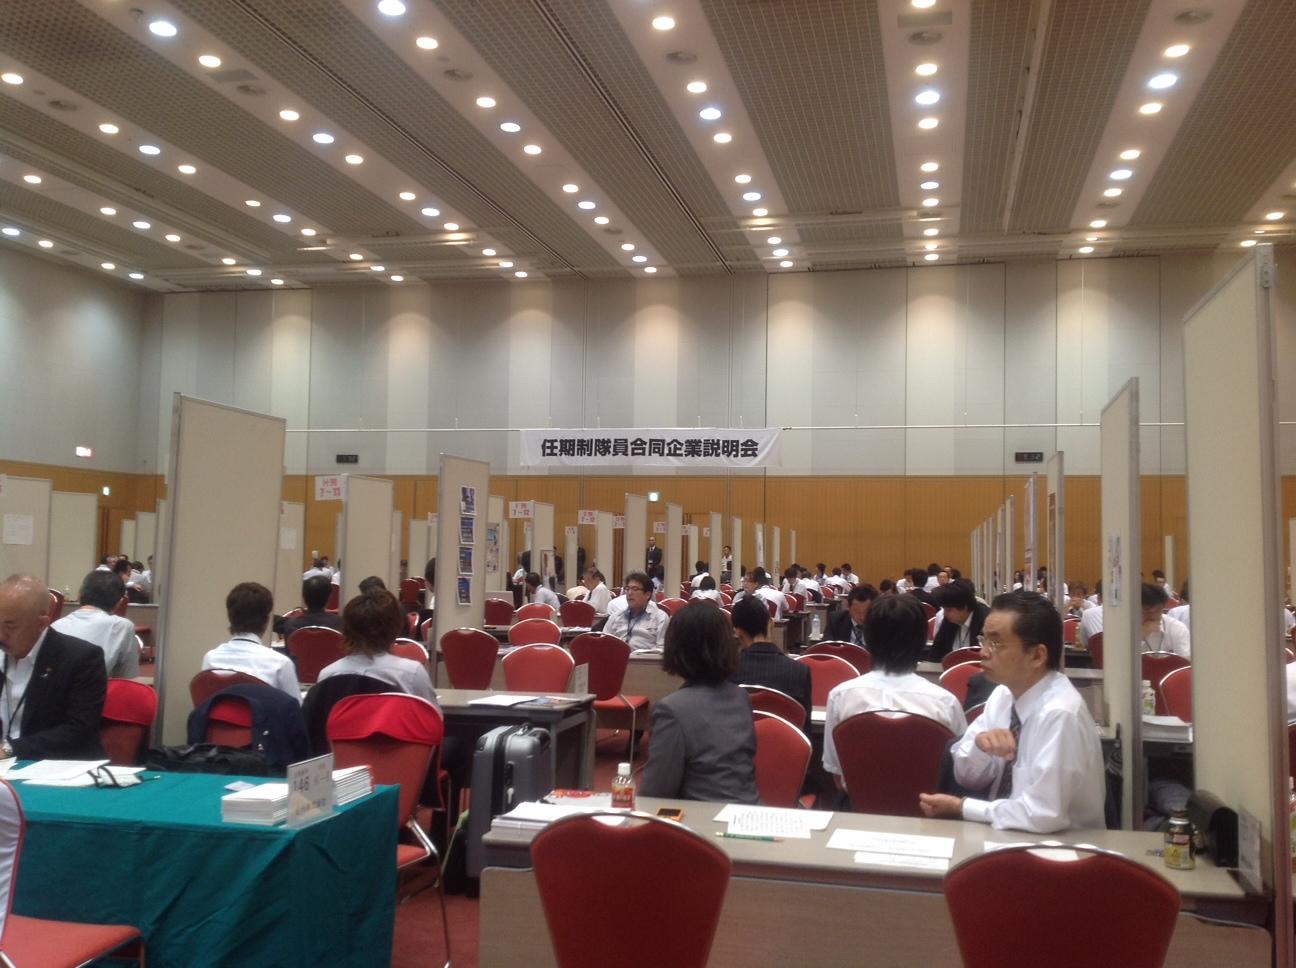 自衛隊の合同企業説明会に参加しました。